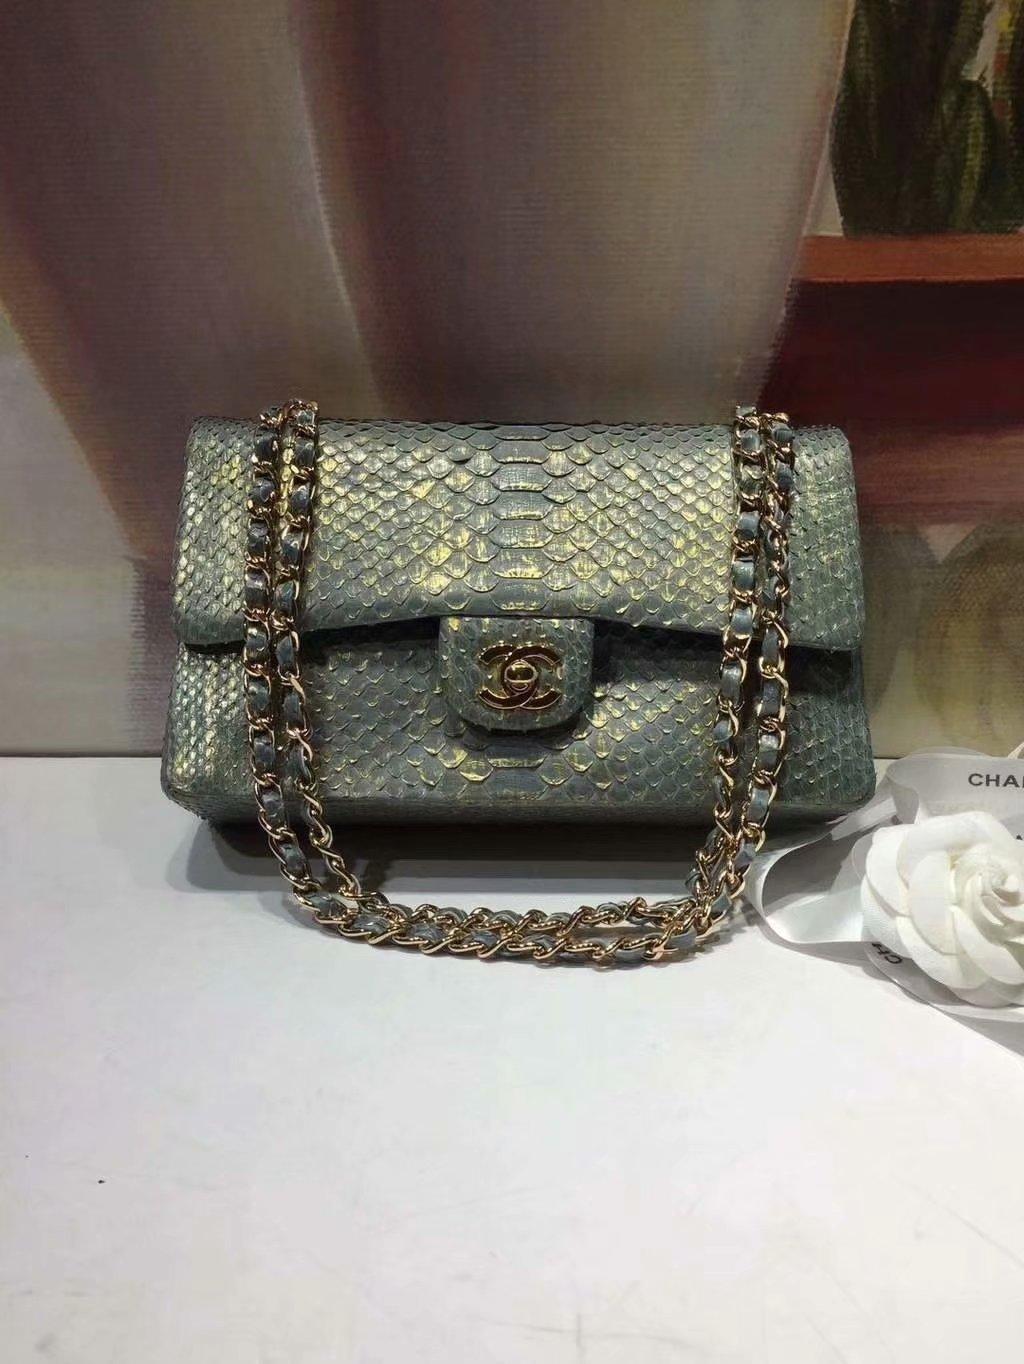 Replica Chanel A01112 Classic Handbag Blue Python Gold-Tone Metal